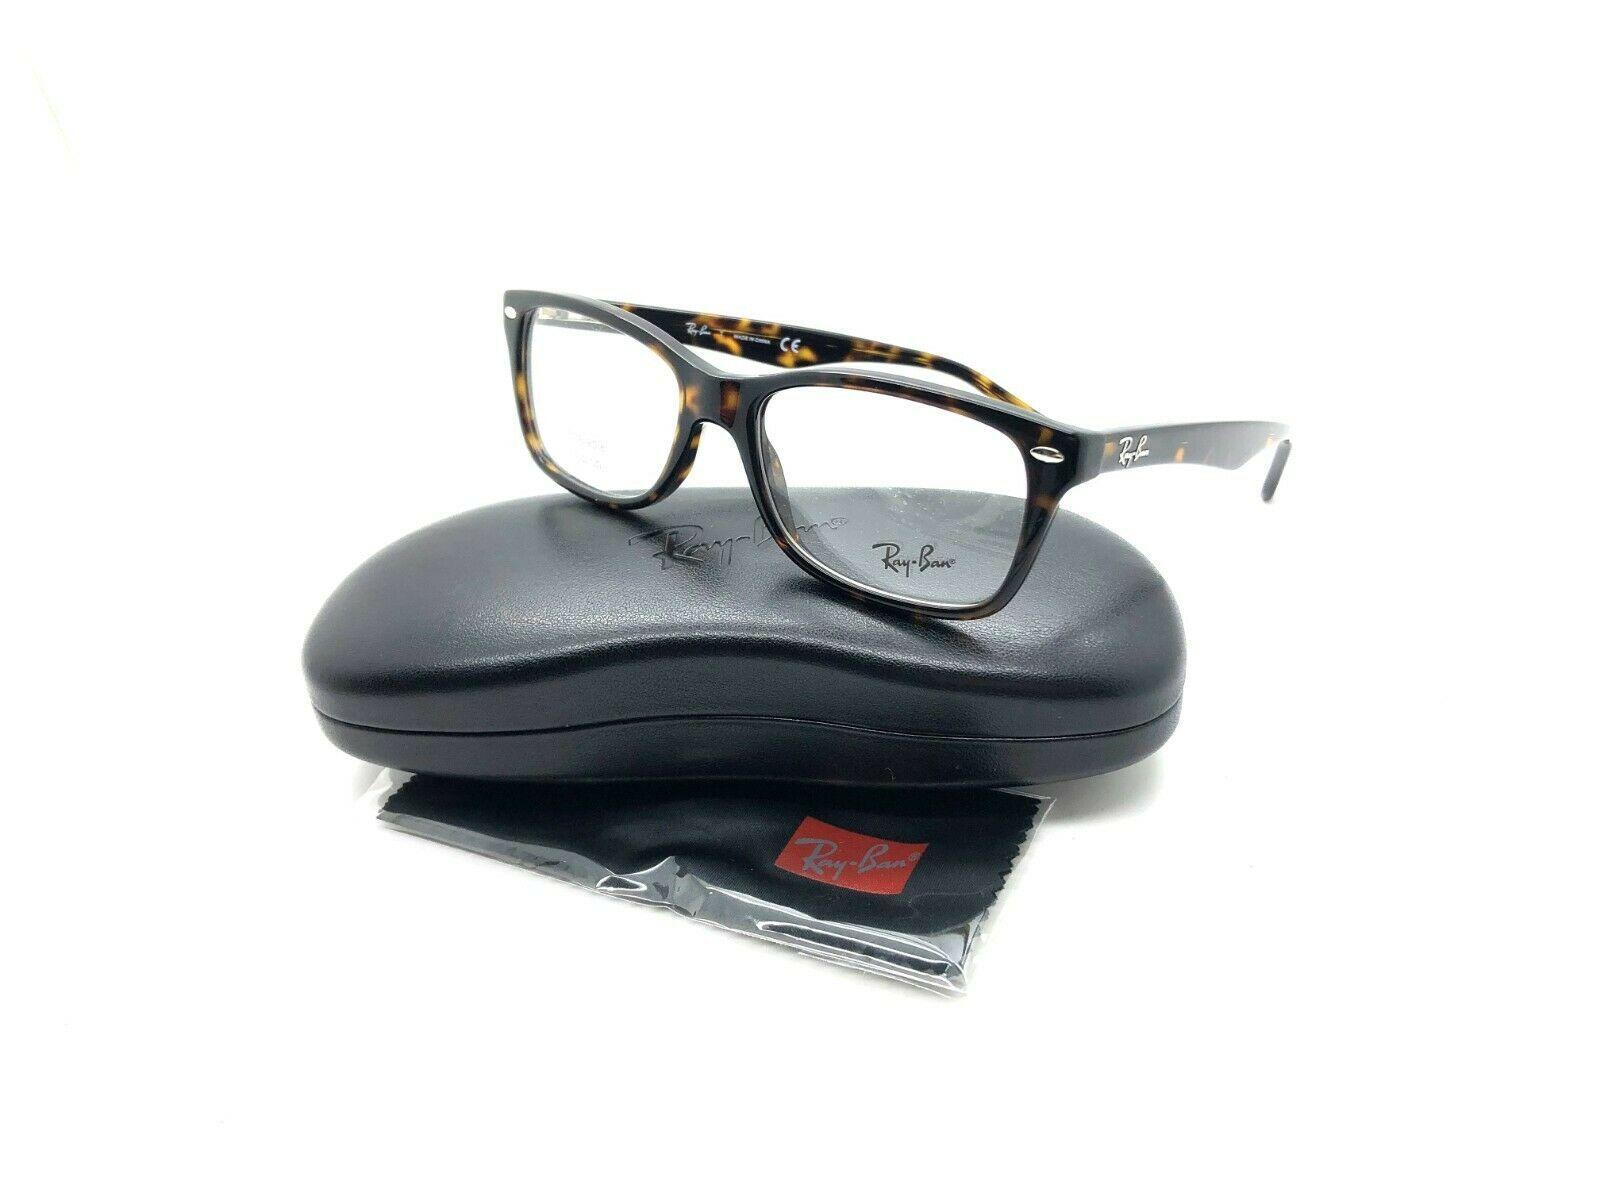 Ray Ban Eyeglass Frames RB 5228 2012 Tortoise 55-17-140 Full Rim  NEW - $87.27